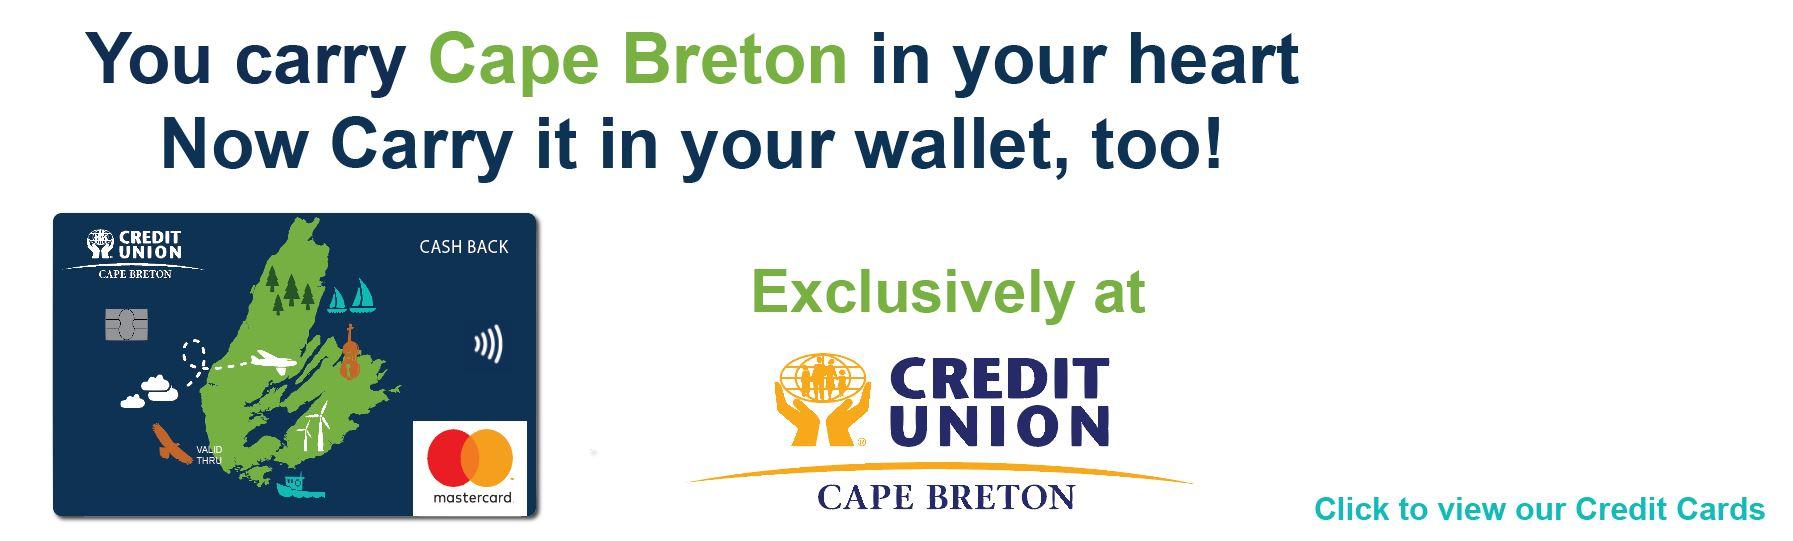 Cape Breton Credit Union Home